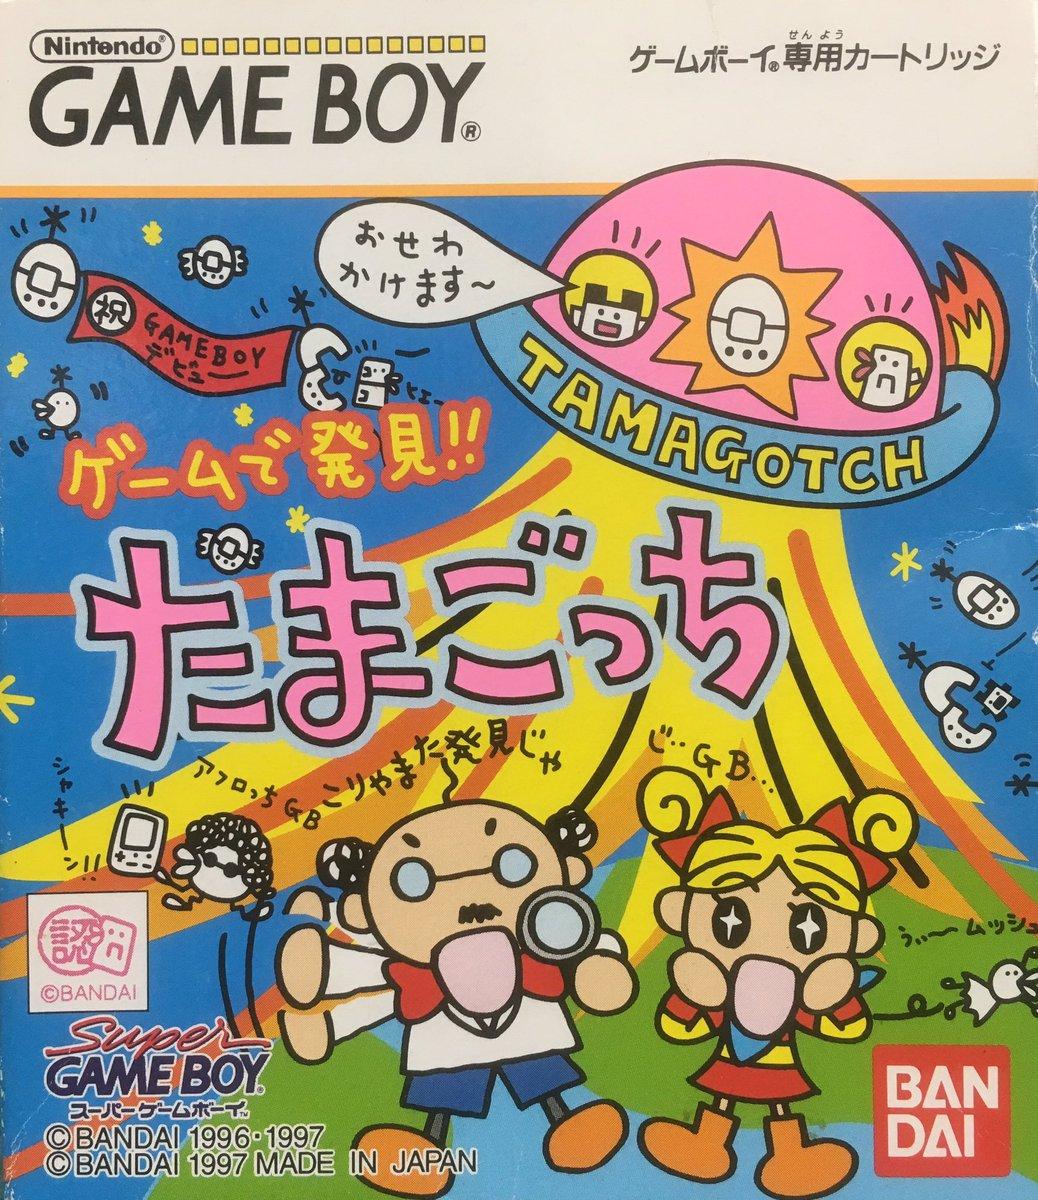 本日はゲームボーイ『ゲームで発見!!たまごっち』が発売されて20周年です。おめでとうございます!